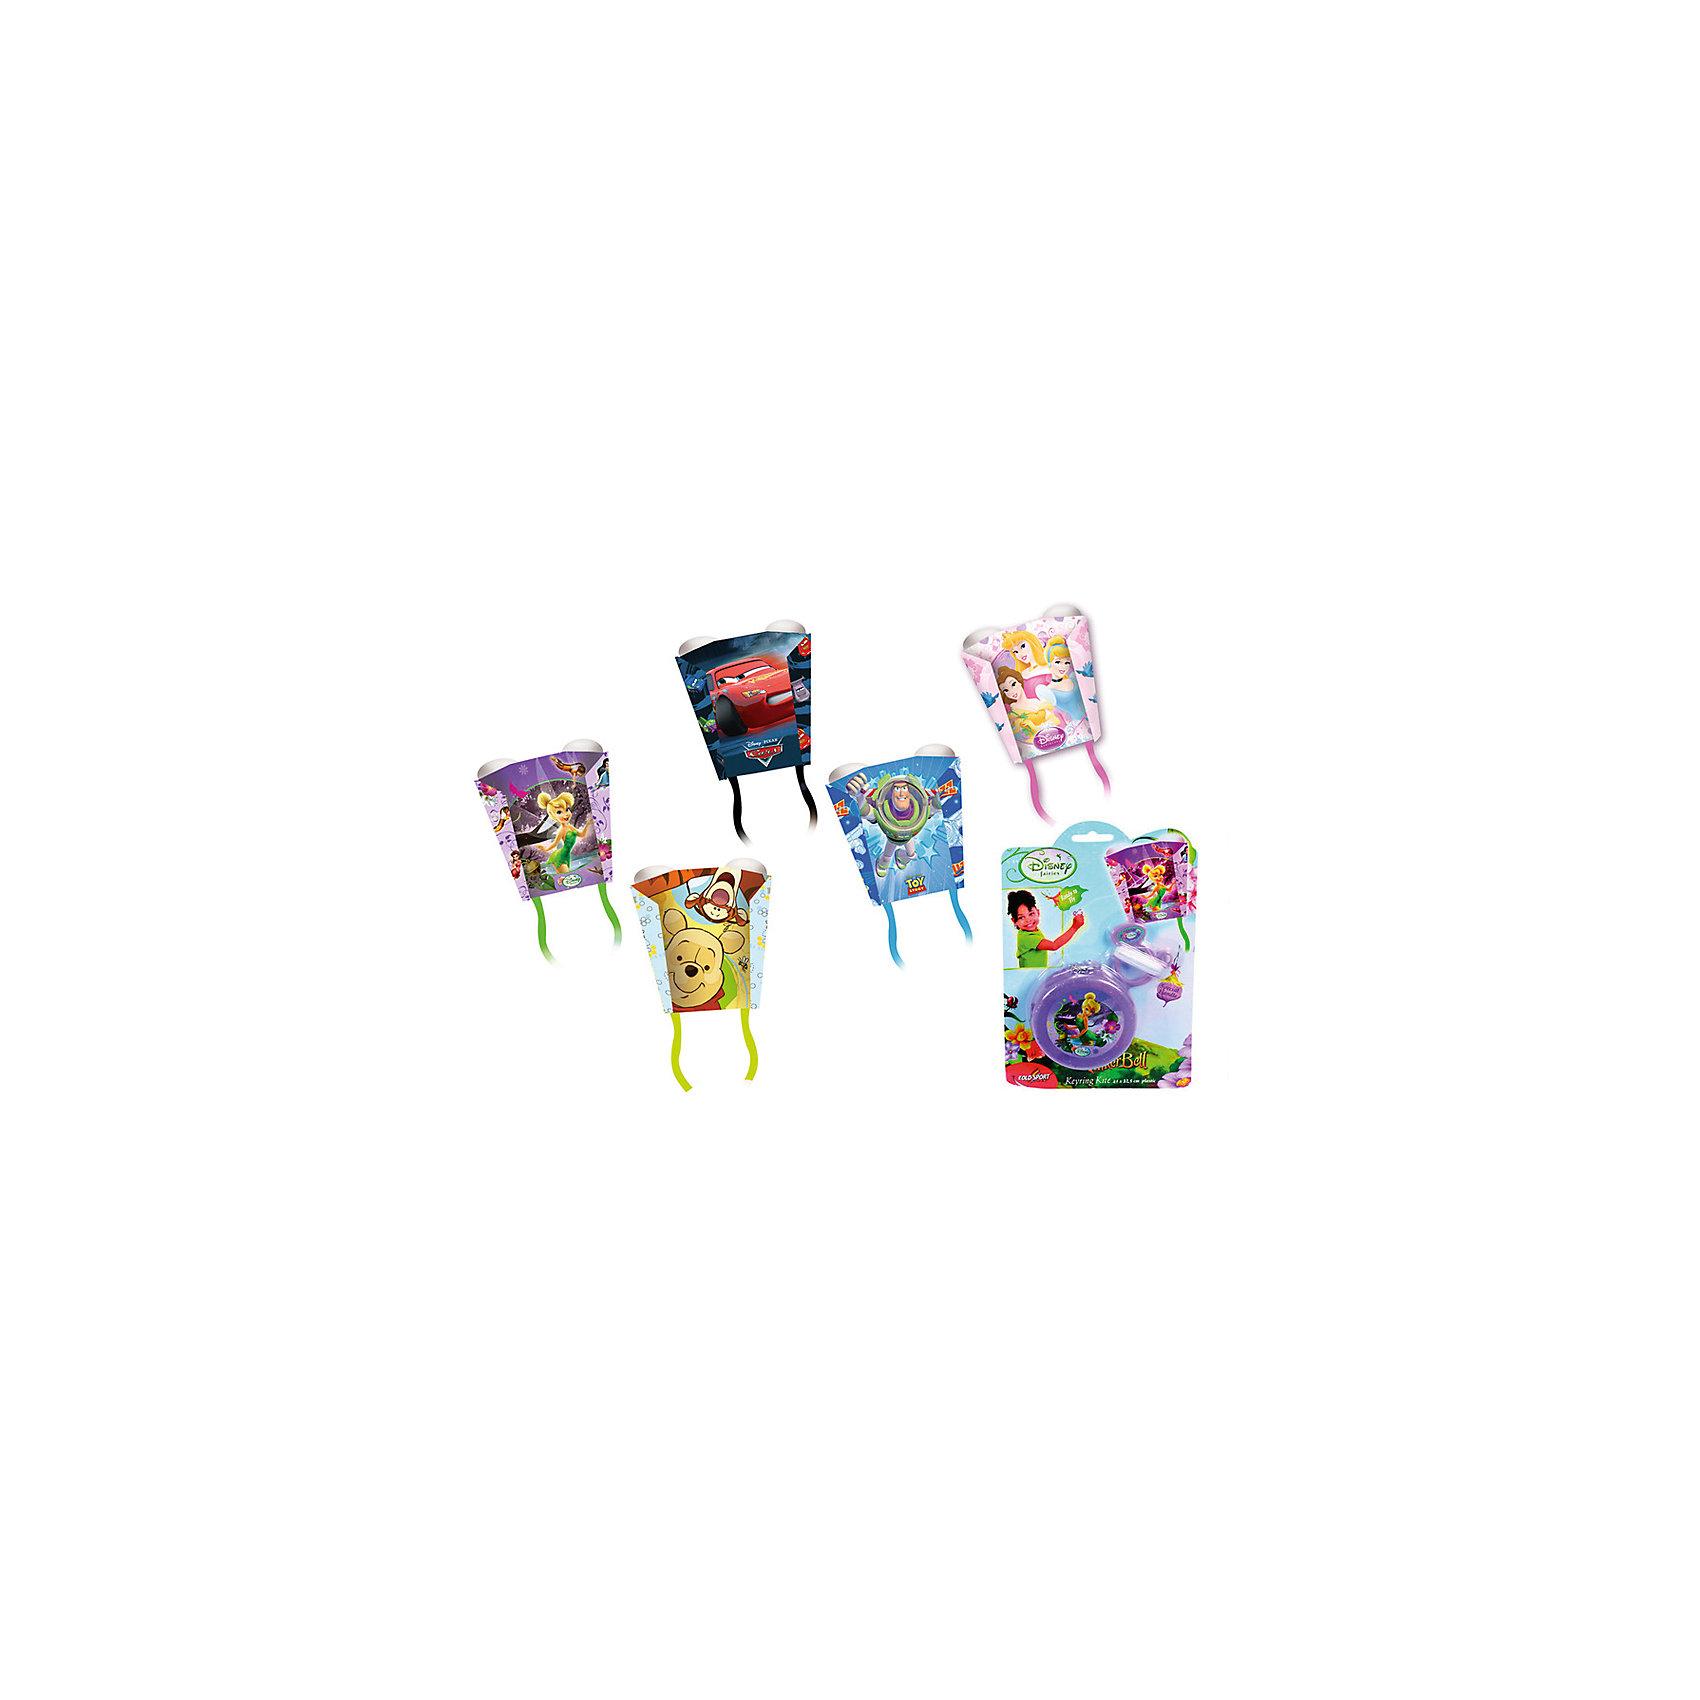 Воздушный змей Герои Диснея карманный, SimbaВоздушные змеи и вертушки<br>Характеристики:<br><br>• возраст: от 3 лет<br>• материал: пластик, текстиль<br>• размер: 41х32,5 см.<br>• упаковка: блистер<br>• диаметр упаковки: 8 см.<br>• толщина упаковки: 3 см.<br>• страна обладатель бренда: Германия<br>• ВНИМАНИЕ! Данный артикул представлен в разных вариантах исполнения. К сожалению, заранее выбрать определенный вариант невозможно. При заказе нескольких воздушных змеев возможно получение одинаковых<br><br>Яркий карманный воздушный змей от Simba (Симба) с изображением героев любимых диснеевских мультфильмов сделает прогулку неповторимой и веселой. Небольшой размер воздушного змея позволит брать его с собой в путешествие или в поездку на море. Материал, из которого сделан змей, очень качественный, ему не страшны даже самые сильные порывы ветра.<br><br>Воздушного змея Герои Диснея карманного, Simba (Симба) можно купить в нашем интернет-магазине.<br><br>Ширина мм: 150<br>Глубина мм: 230<br>Высота мм: 40<br>Вес г: 64<br>Возраст от месяцев: 36<br>Возраст до месяцев: 2147483647<br>Пол: Унисекс<br>Возраст: Детский<br>SKU: 6681991